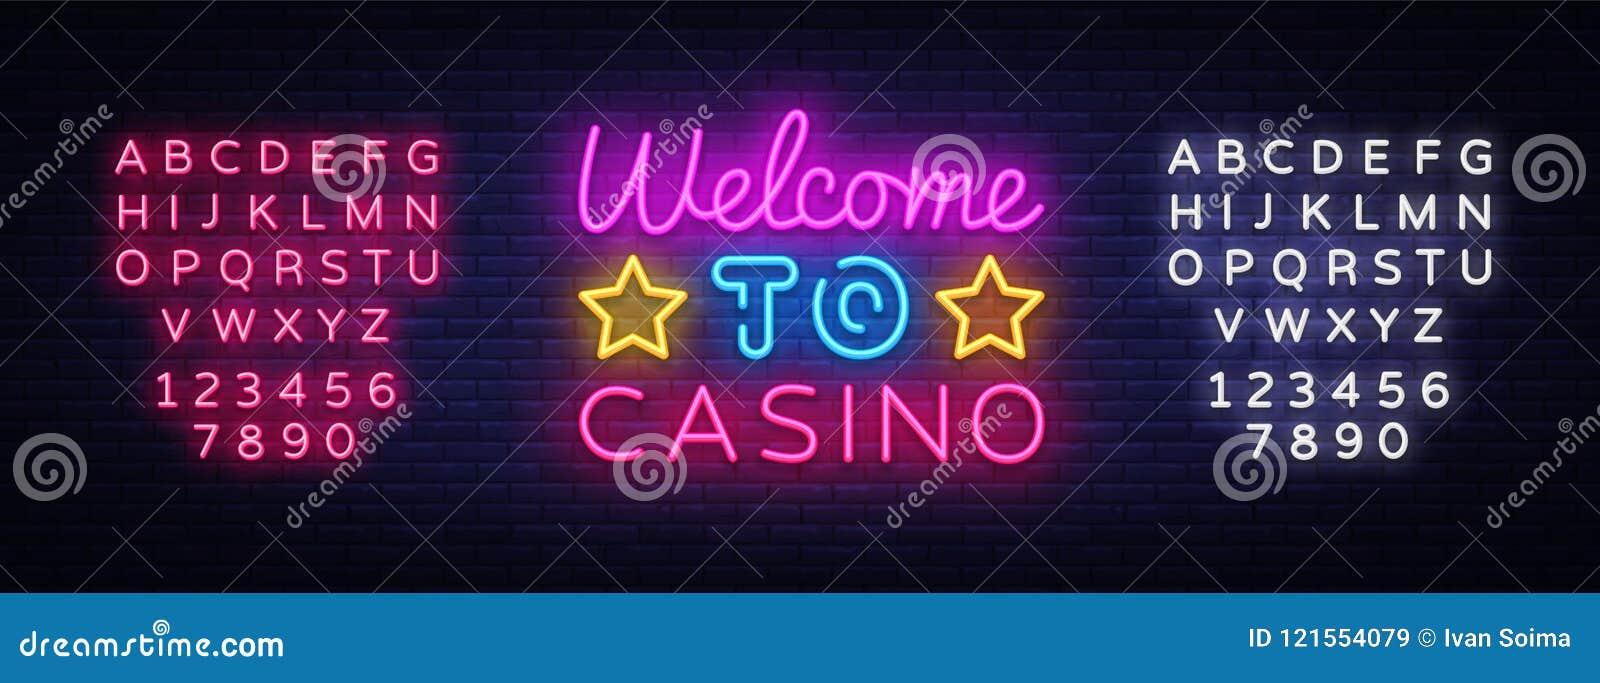 欢迎到赌博娱乐场标志传染媒介设计模板 赌博娱乐场霓虹商标,轻的横幅设计元素五颜六色的现代设计